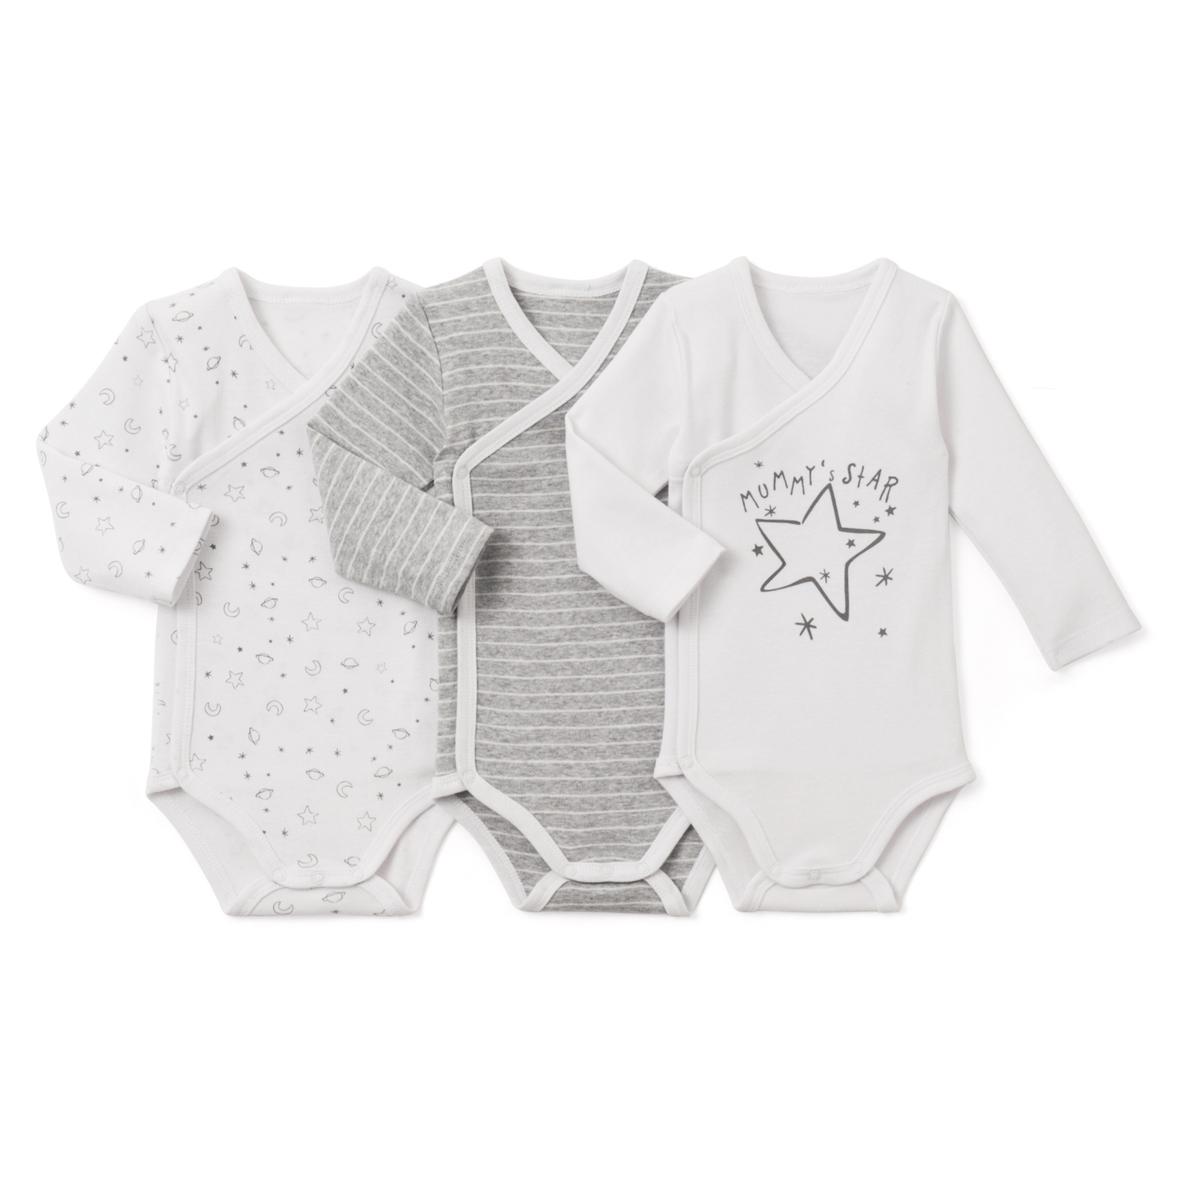 Комплект боди для новорожденного комплект для новорожденного 42 части quelle klitzeklein 735059